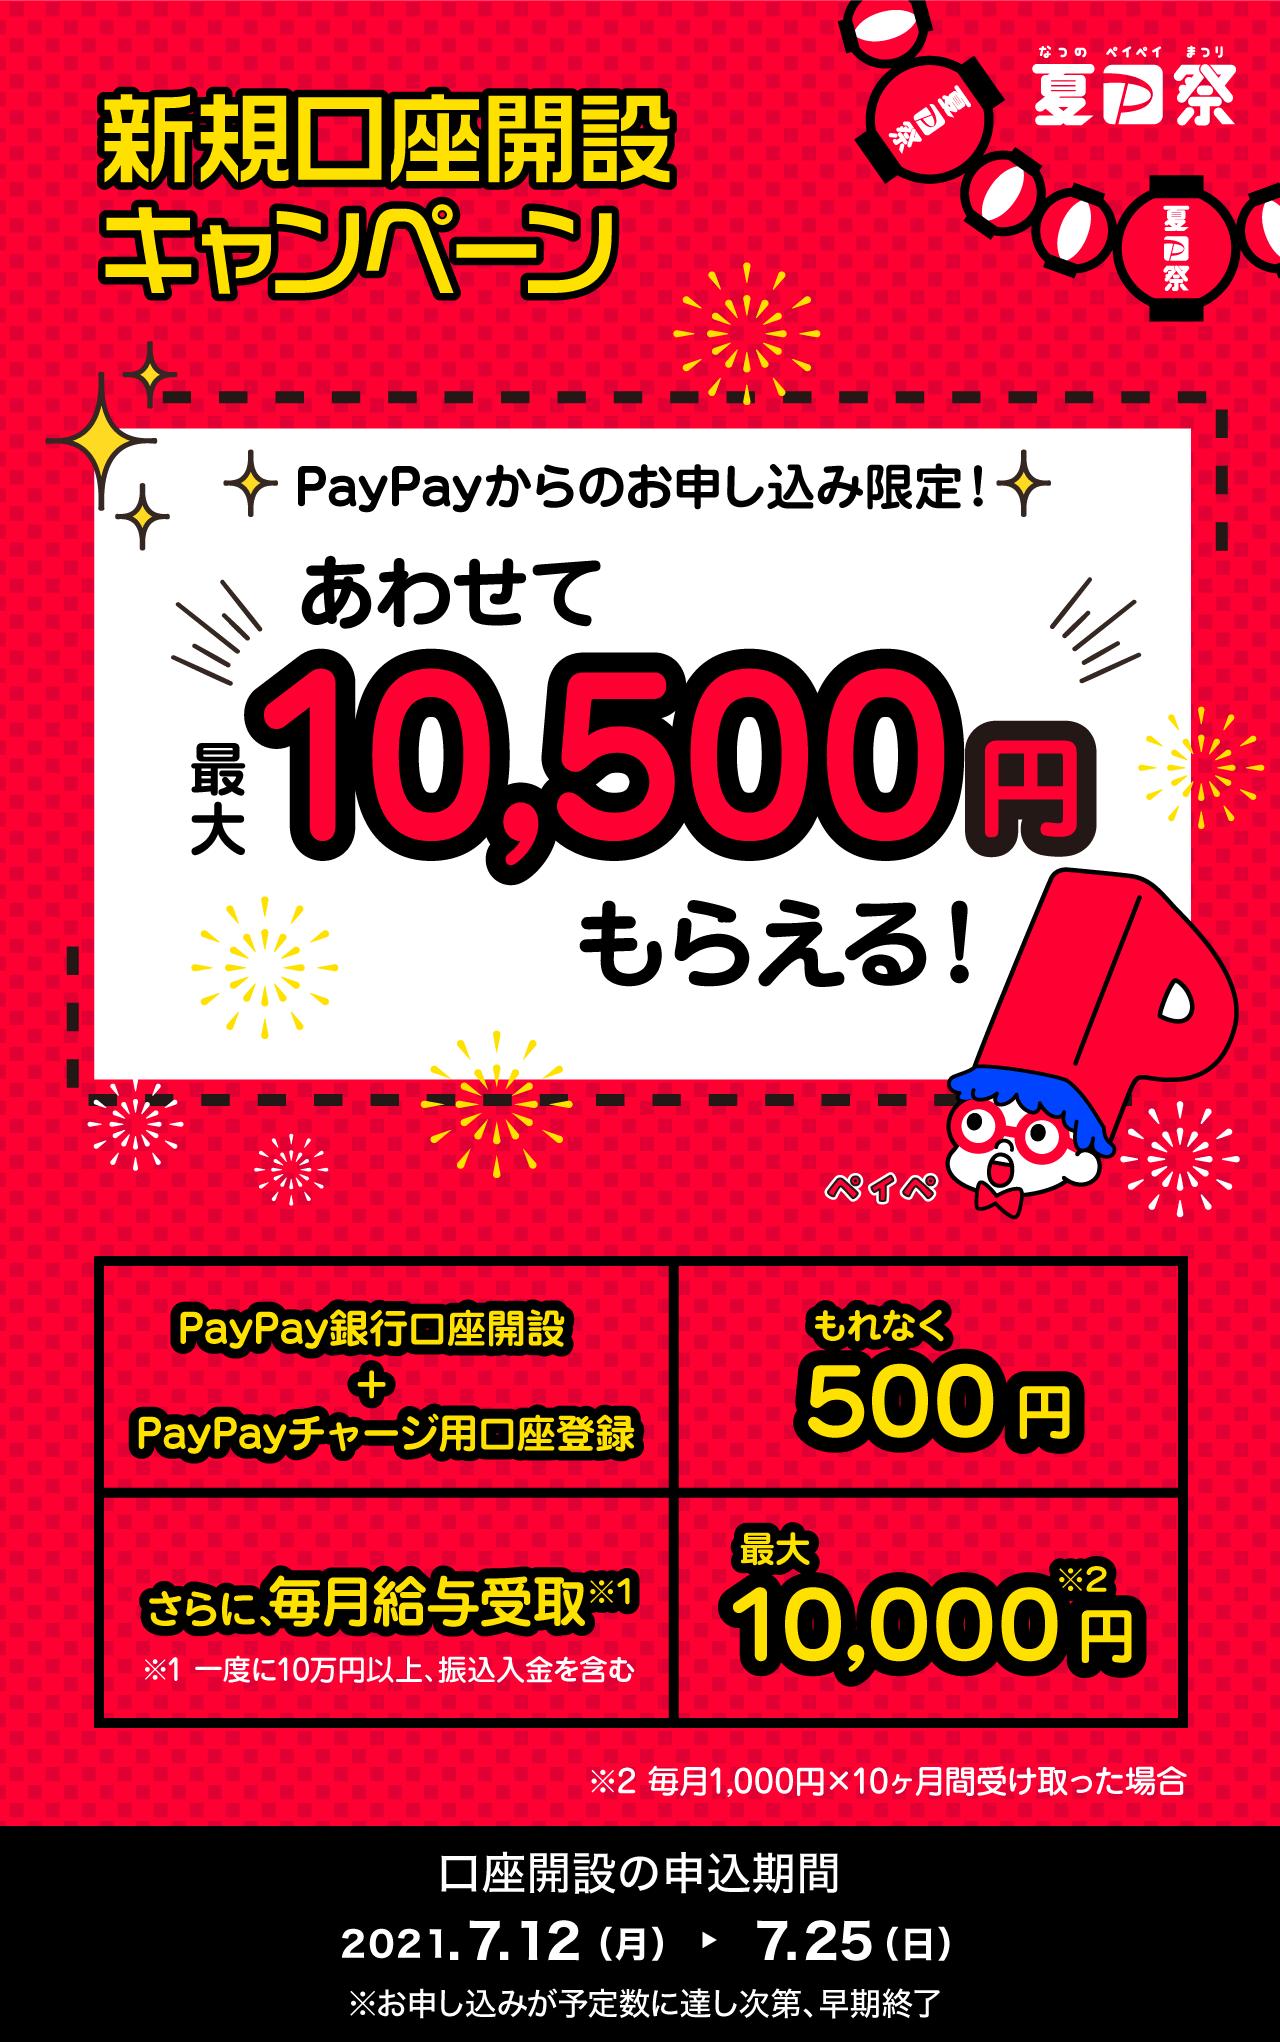 新規口座開設キャンペーン PayPayからのお申し込み限定!あわせて最大10,500円もらえる!